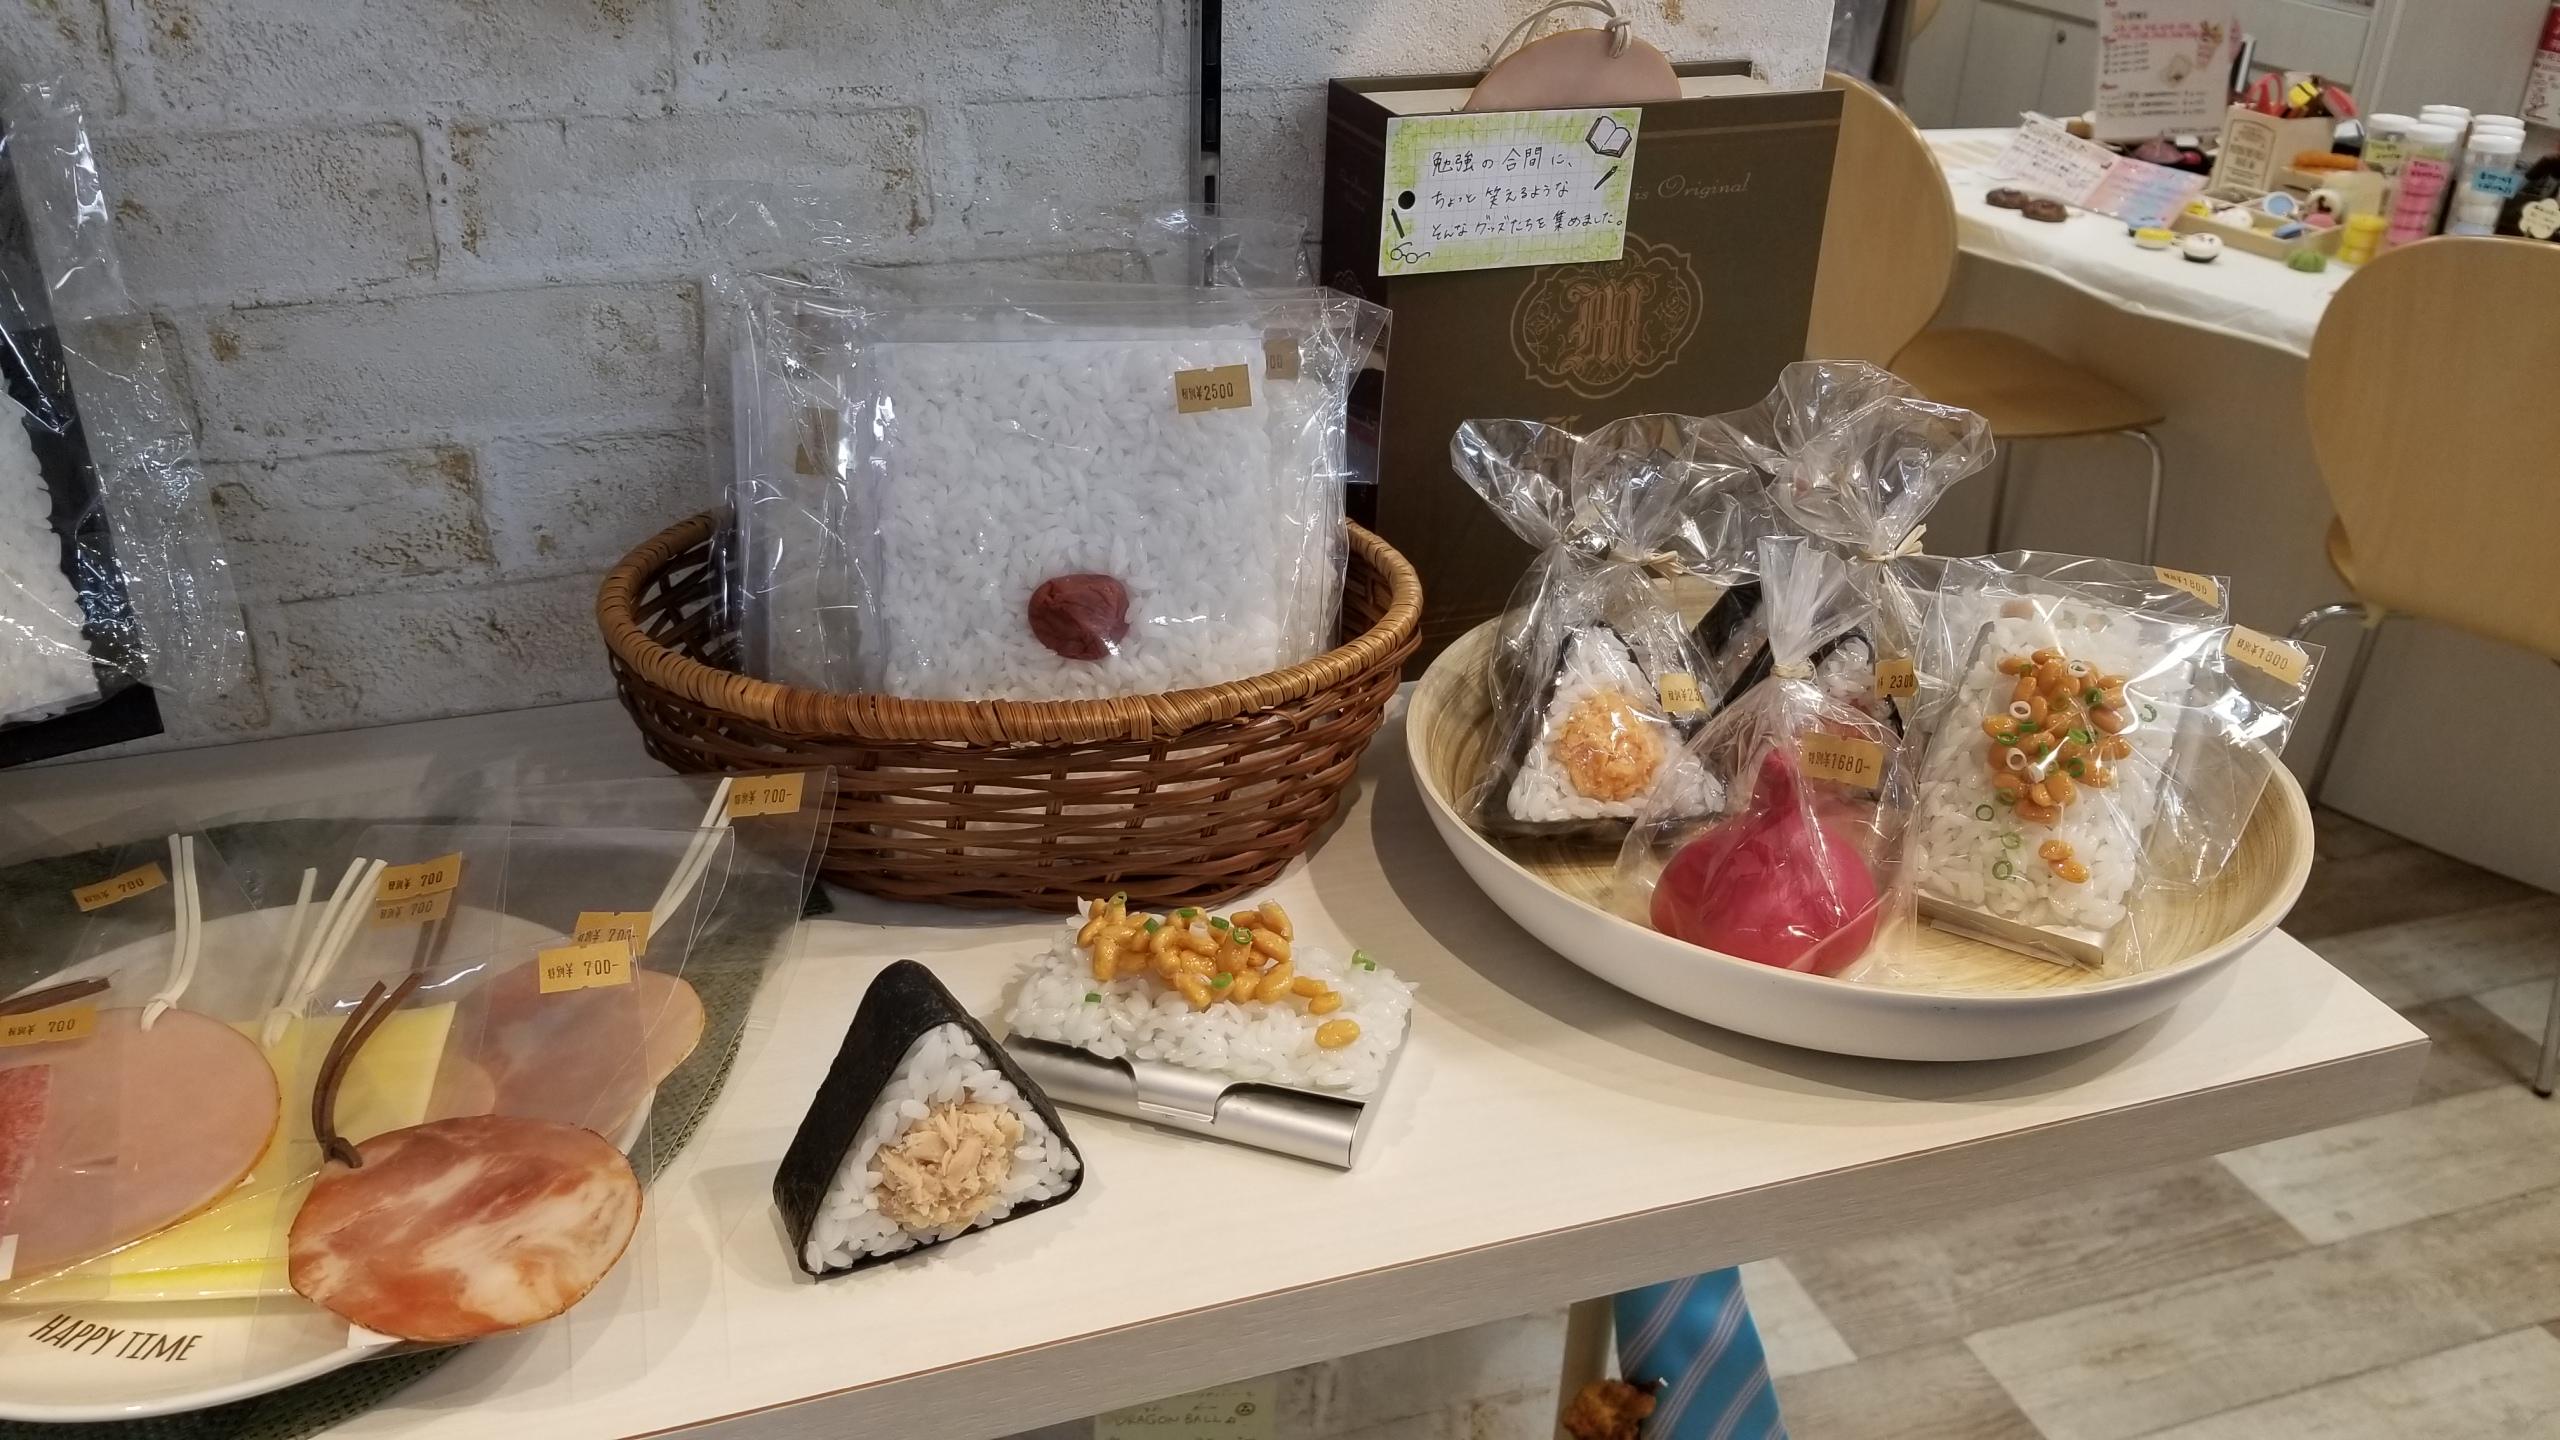 フェイクフード,食品サンプル,おにぎり,納豆,お店,shop,松山市